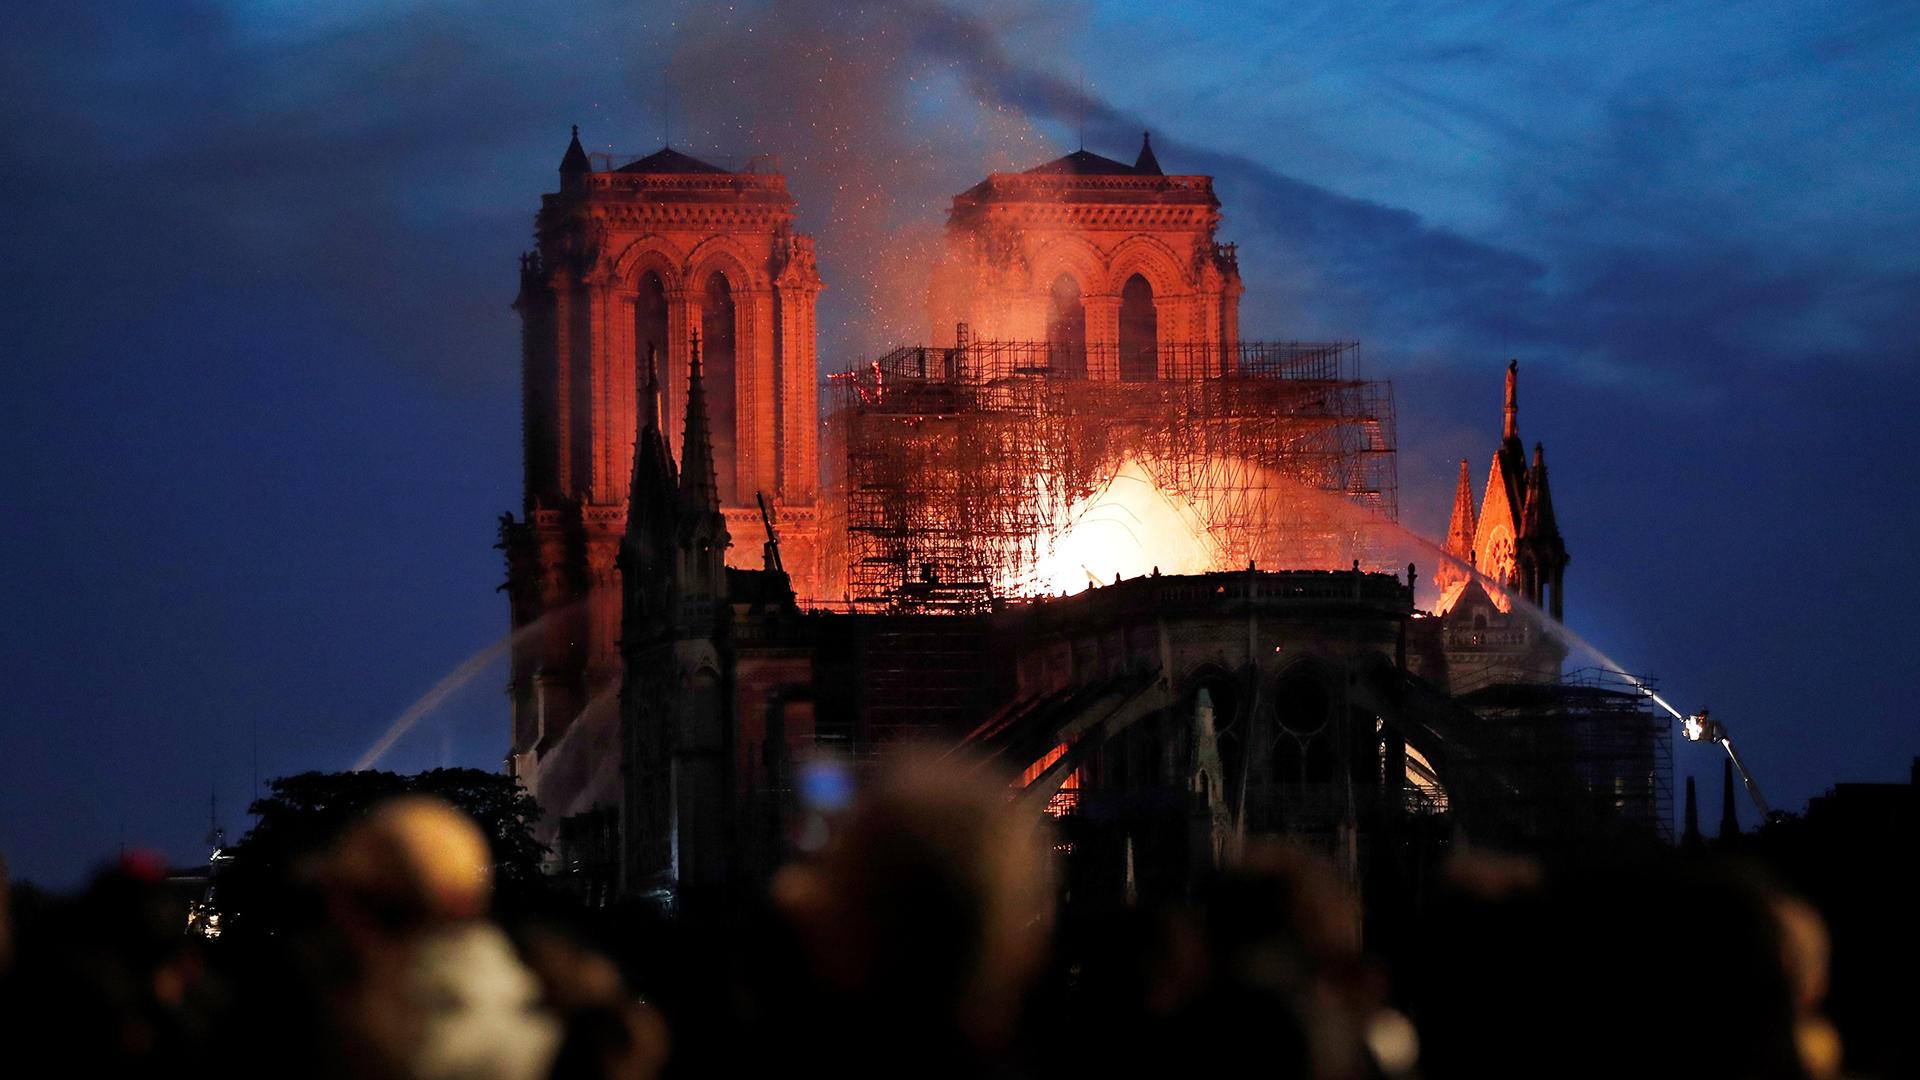 La Fiscalía de París ha abierto una investigación para determinar las circunstancias del incendio que afectó a gran parte del tejado de la catedral de Notre Dame (Foto: EFE/IAN LANGSDON)